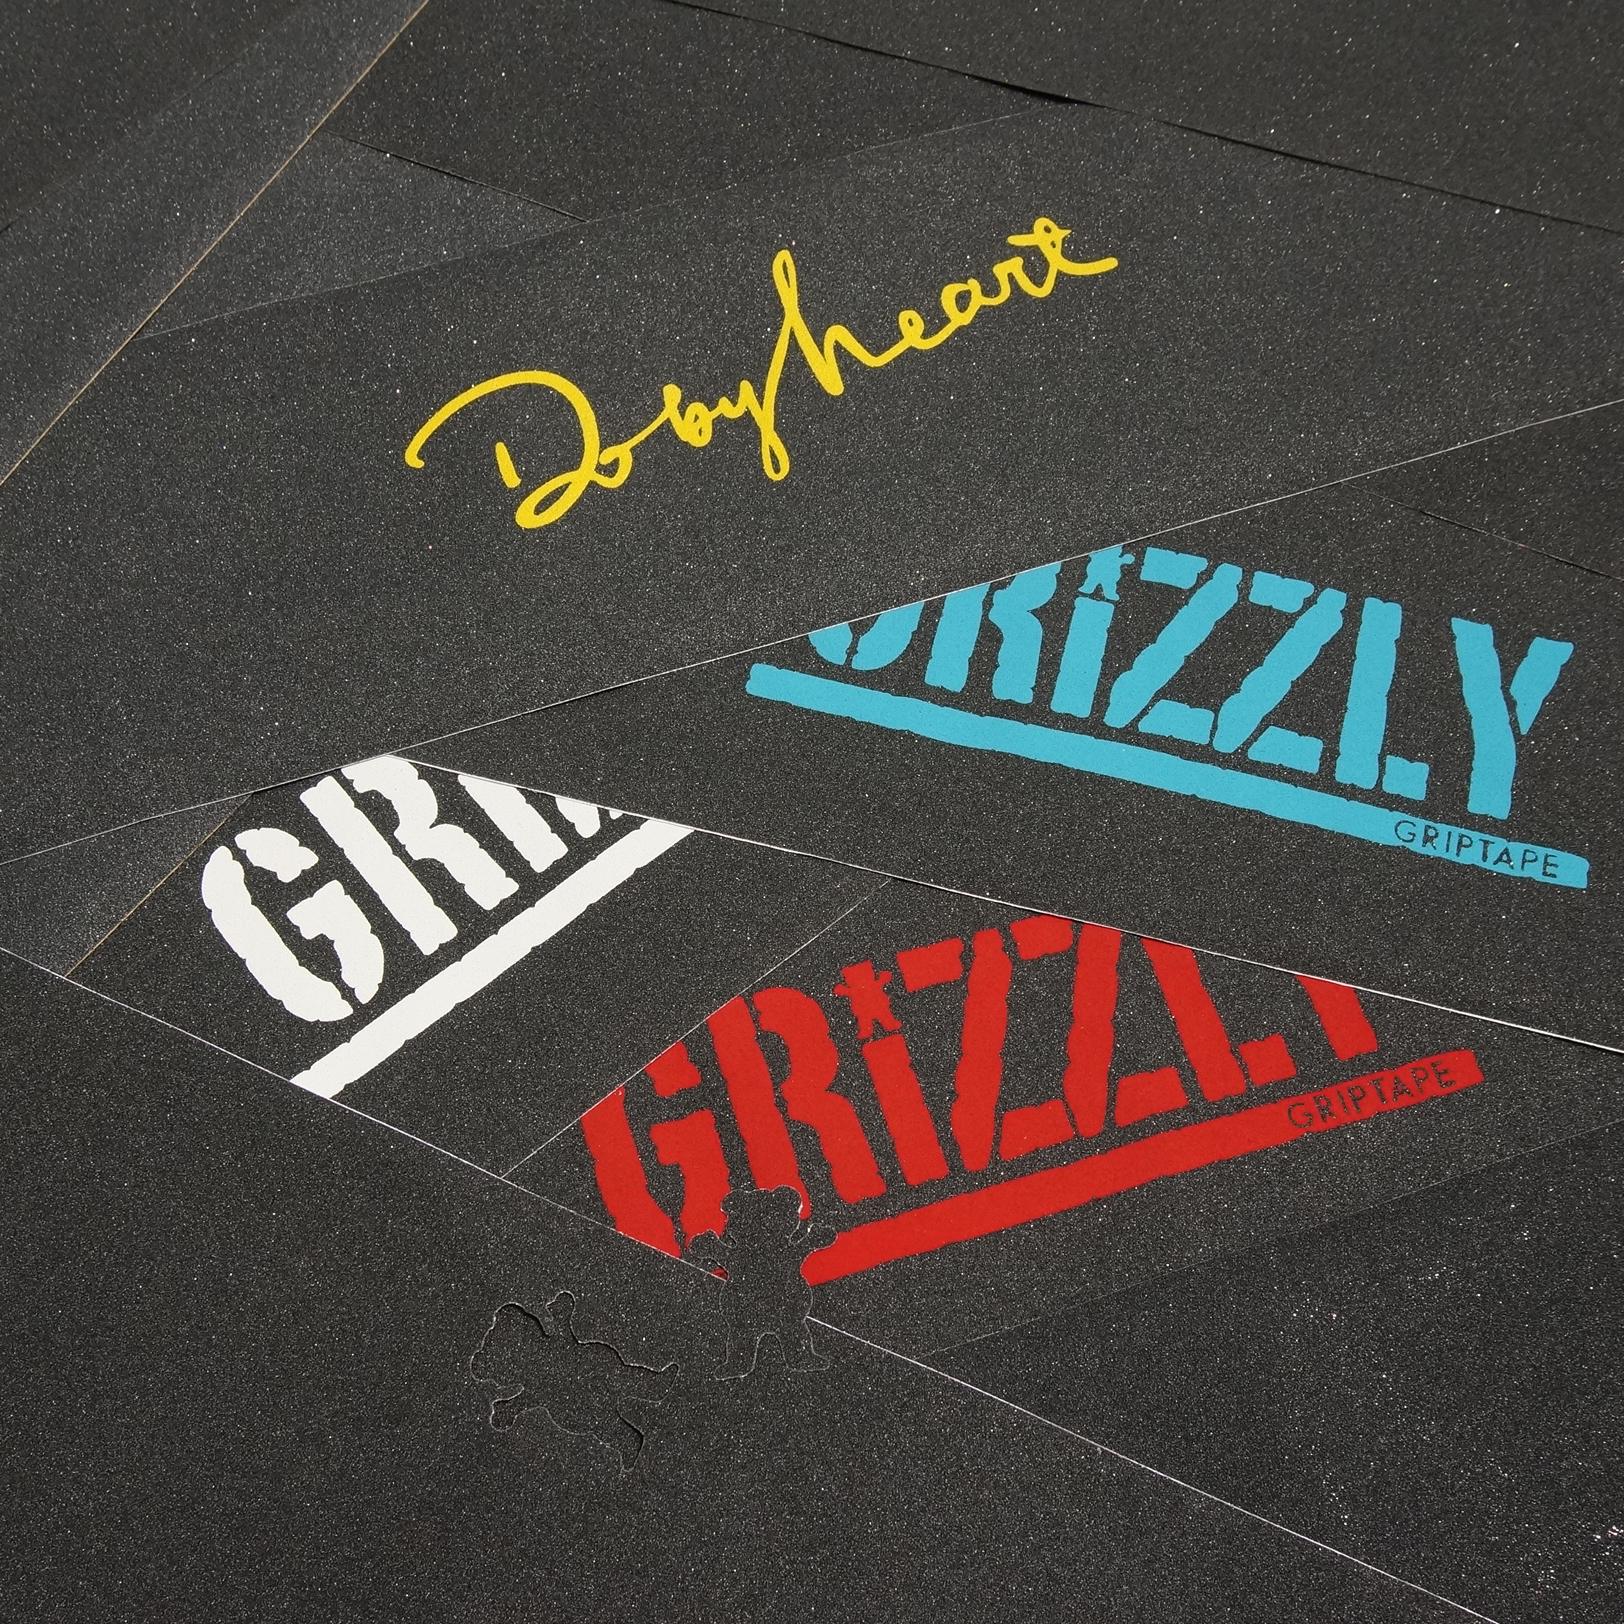 Медвежата GRIZZLY MOB DBH скейтборд наждачная бумага двойной подниматься четырехколесный шаг сделать доска специальность устьице черный песок